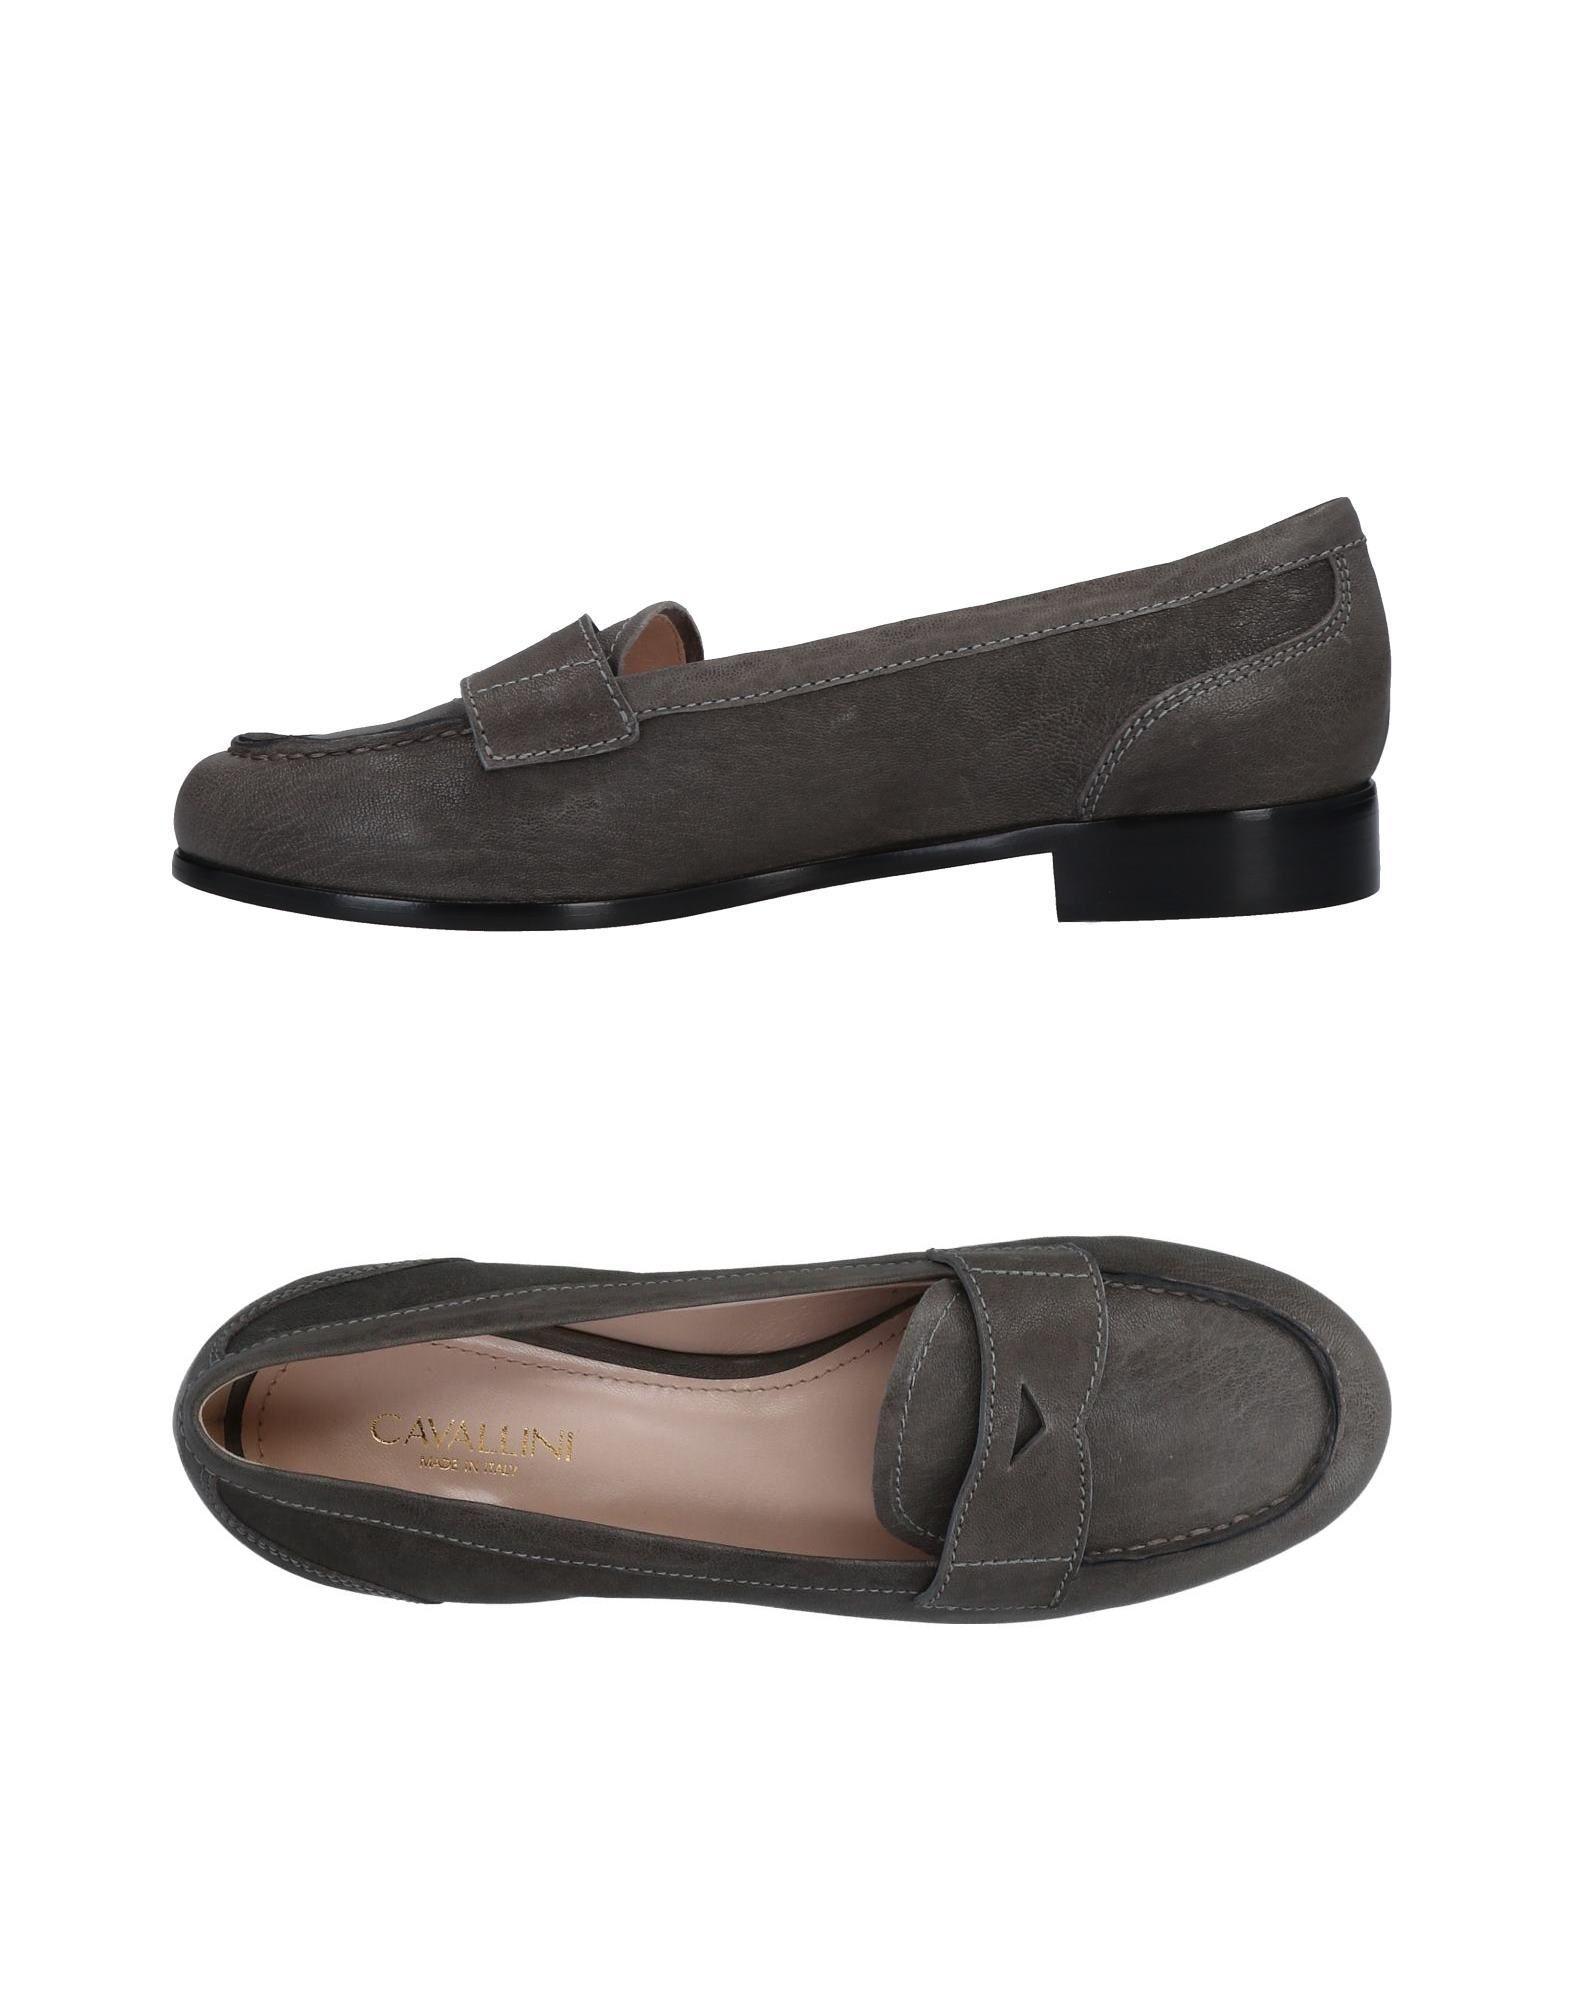 Guess Mokassins Damen  11488082OP Gute Qualität beliebte Schuhe